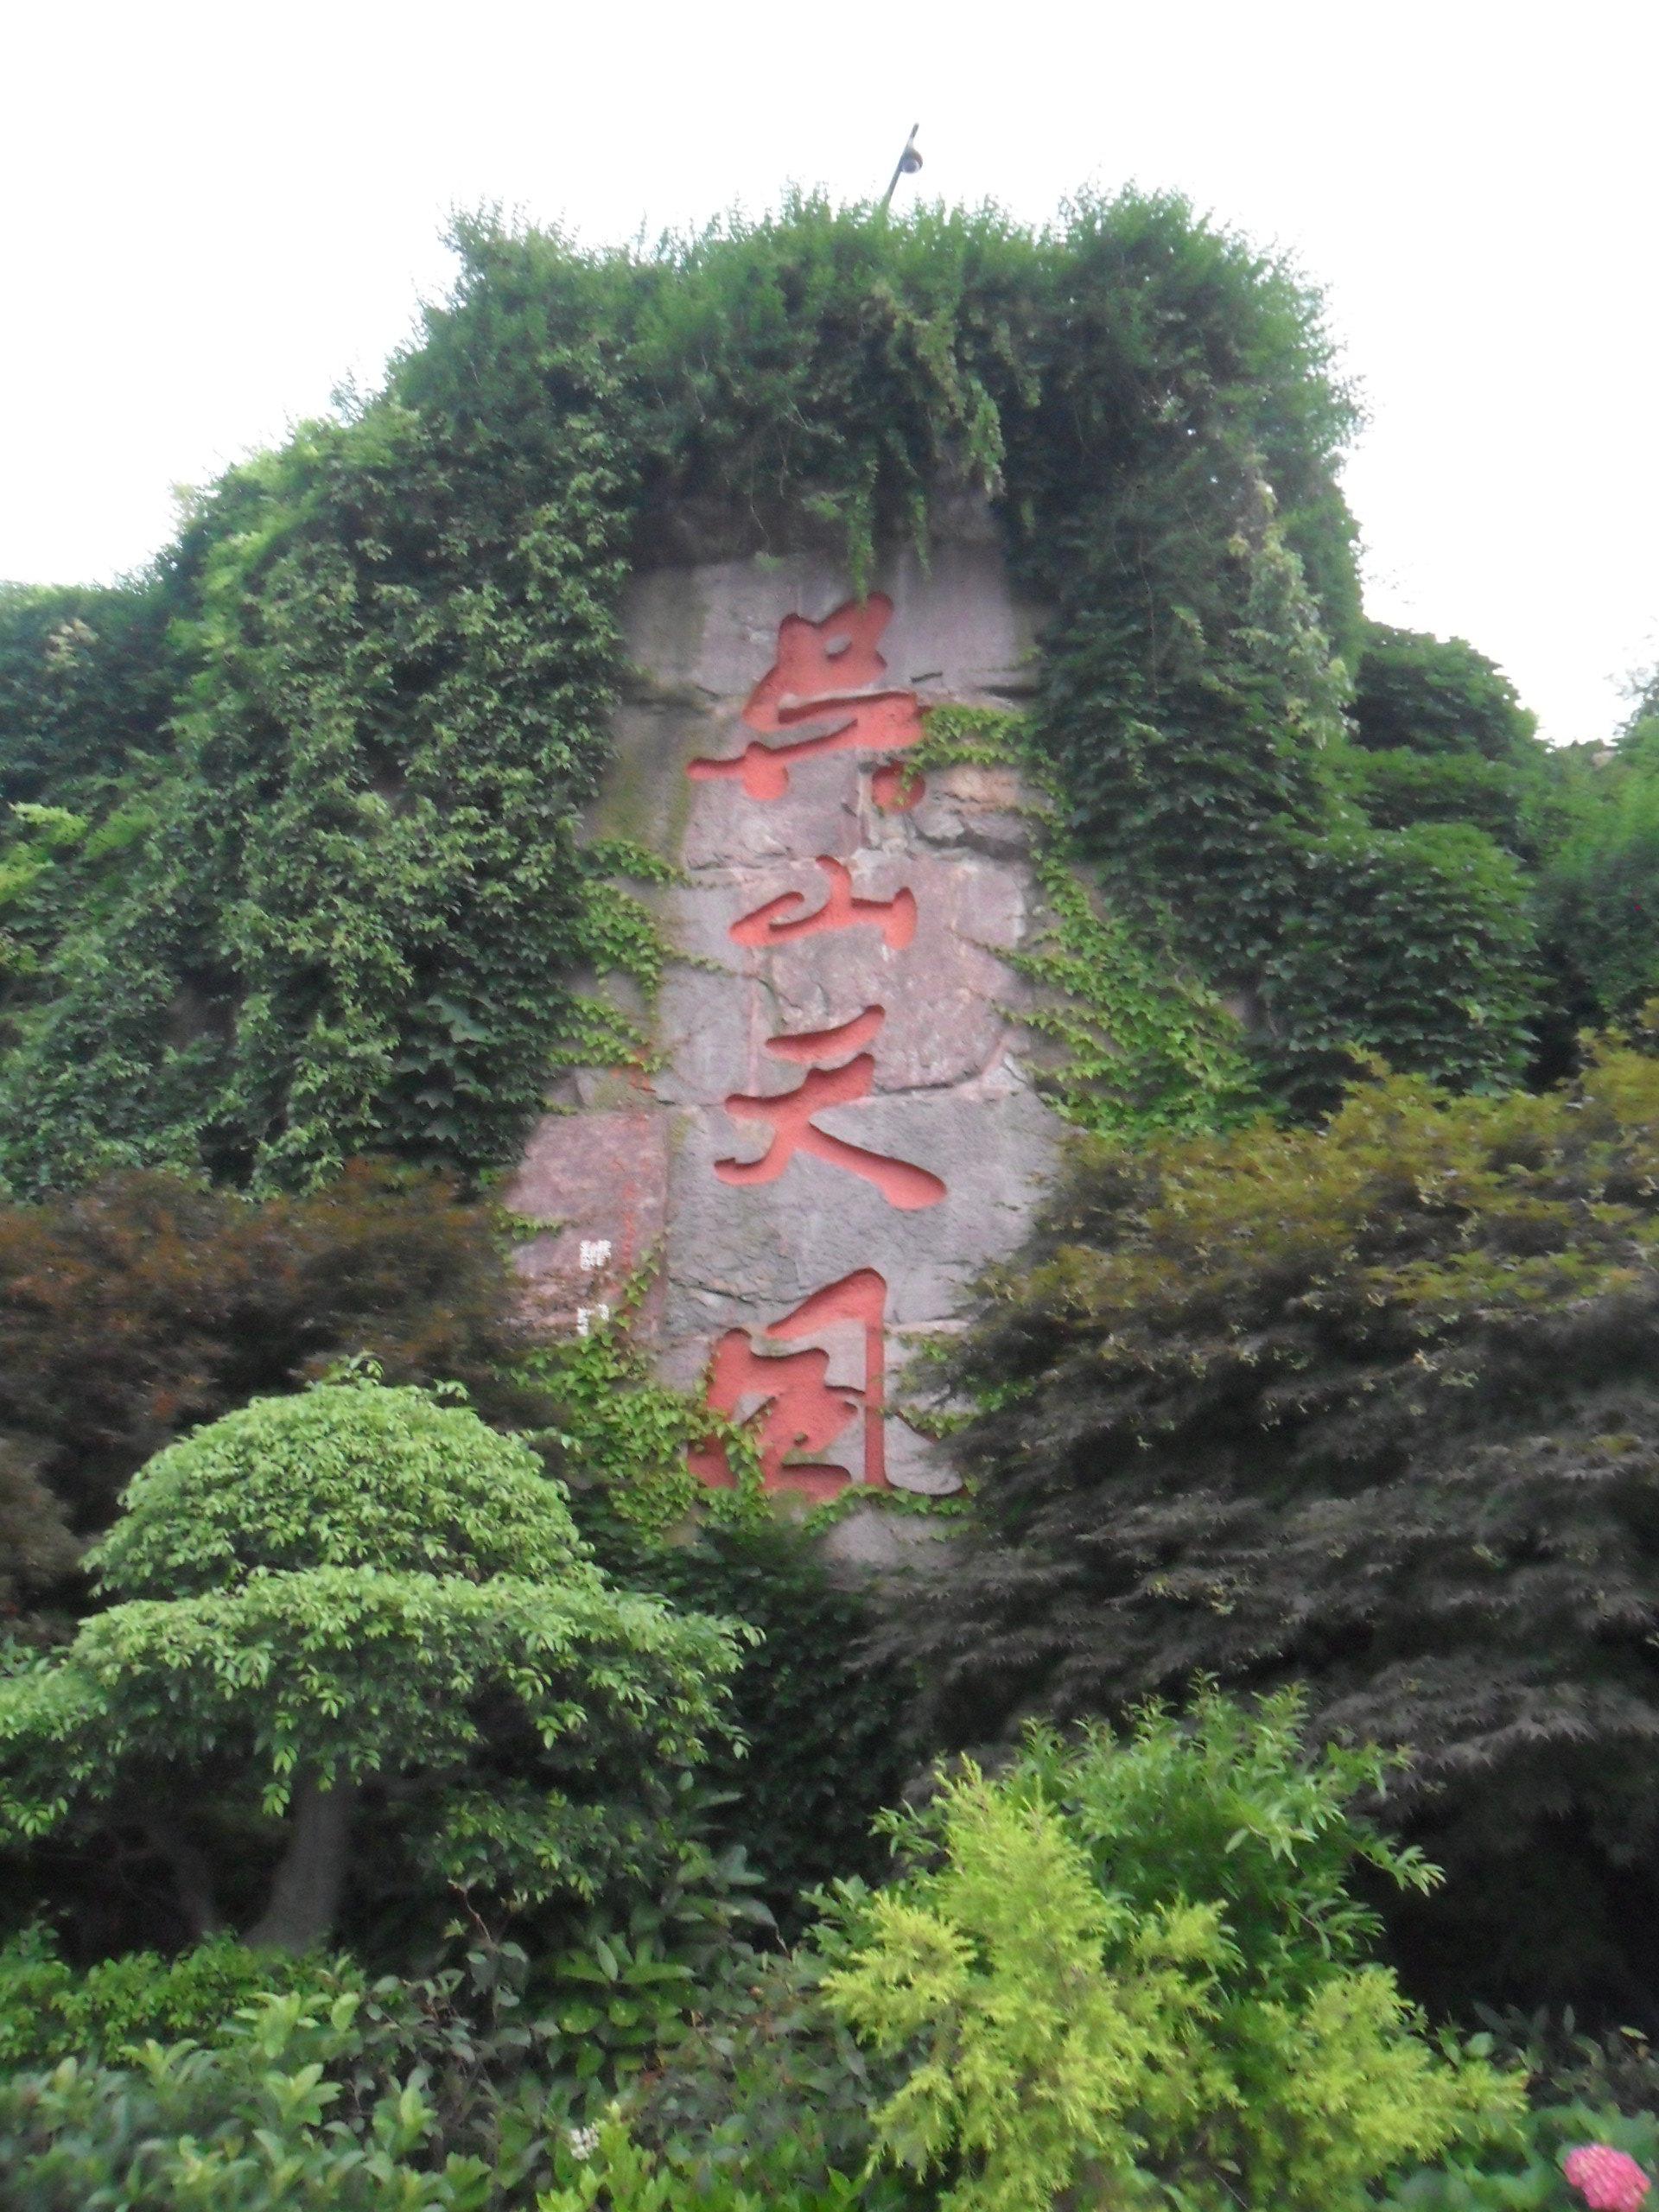 【携程攻略】杭州吴山广场好玩吗,杭州吴山广场景点样